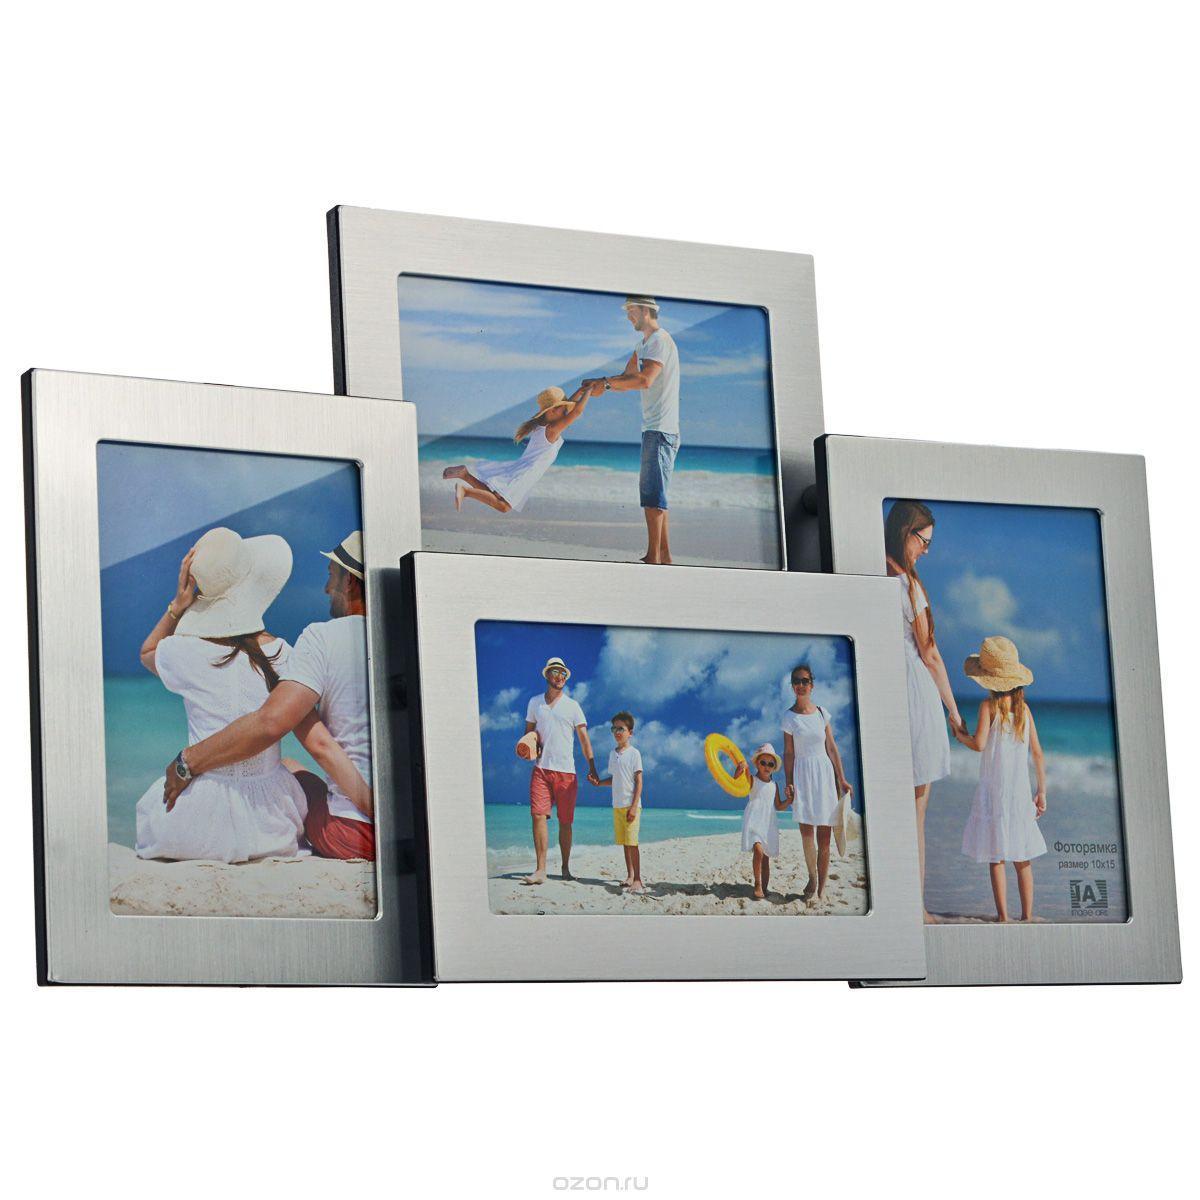 """Фоторамка-коллаж """"Image Art"""" - прекрасный способ красиво оформить ваши  фотографии. Изделие рассчитано на 4 фотографии. Фоторамка выполнена из алюминия и пластика и защищена стеклом. Фоторамку  можно поставить на стол или подвесить на стену, для чего с задней стороны предусмотрены  специальные отверстия.  Такая фоторамка поможет сохранить на память самые яркие моменты вашей  жизни, а стильный дизайн сделает ее прекрасным дополнением интерьера."""